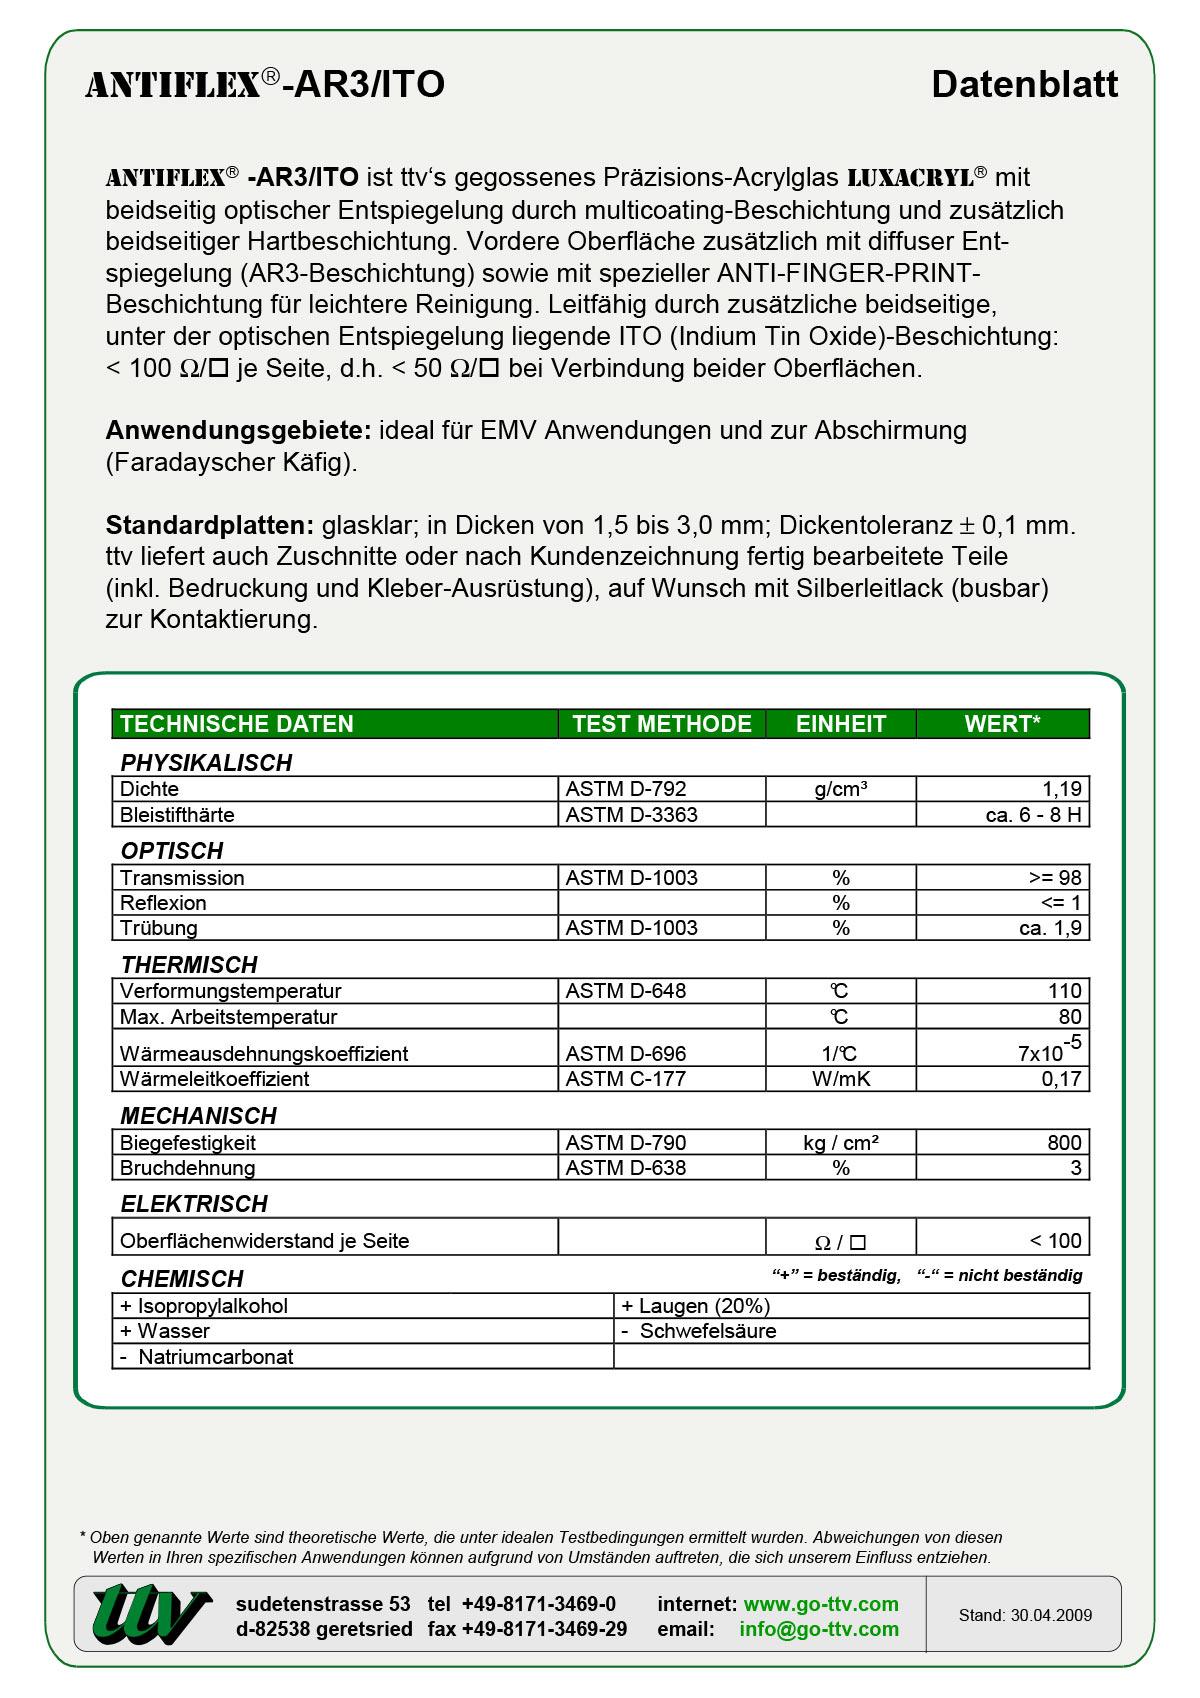 Antiflex-AR3/ITO Datenblatt